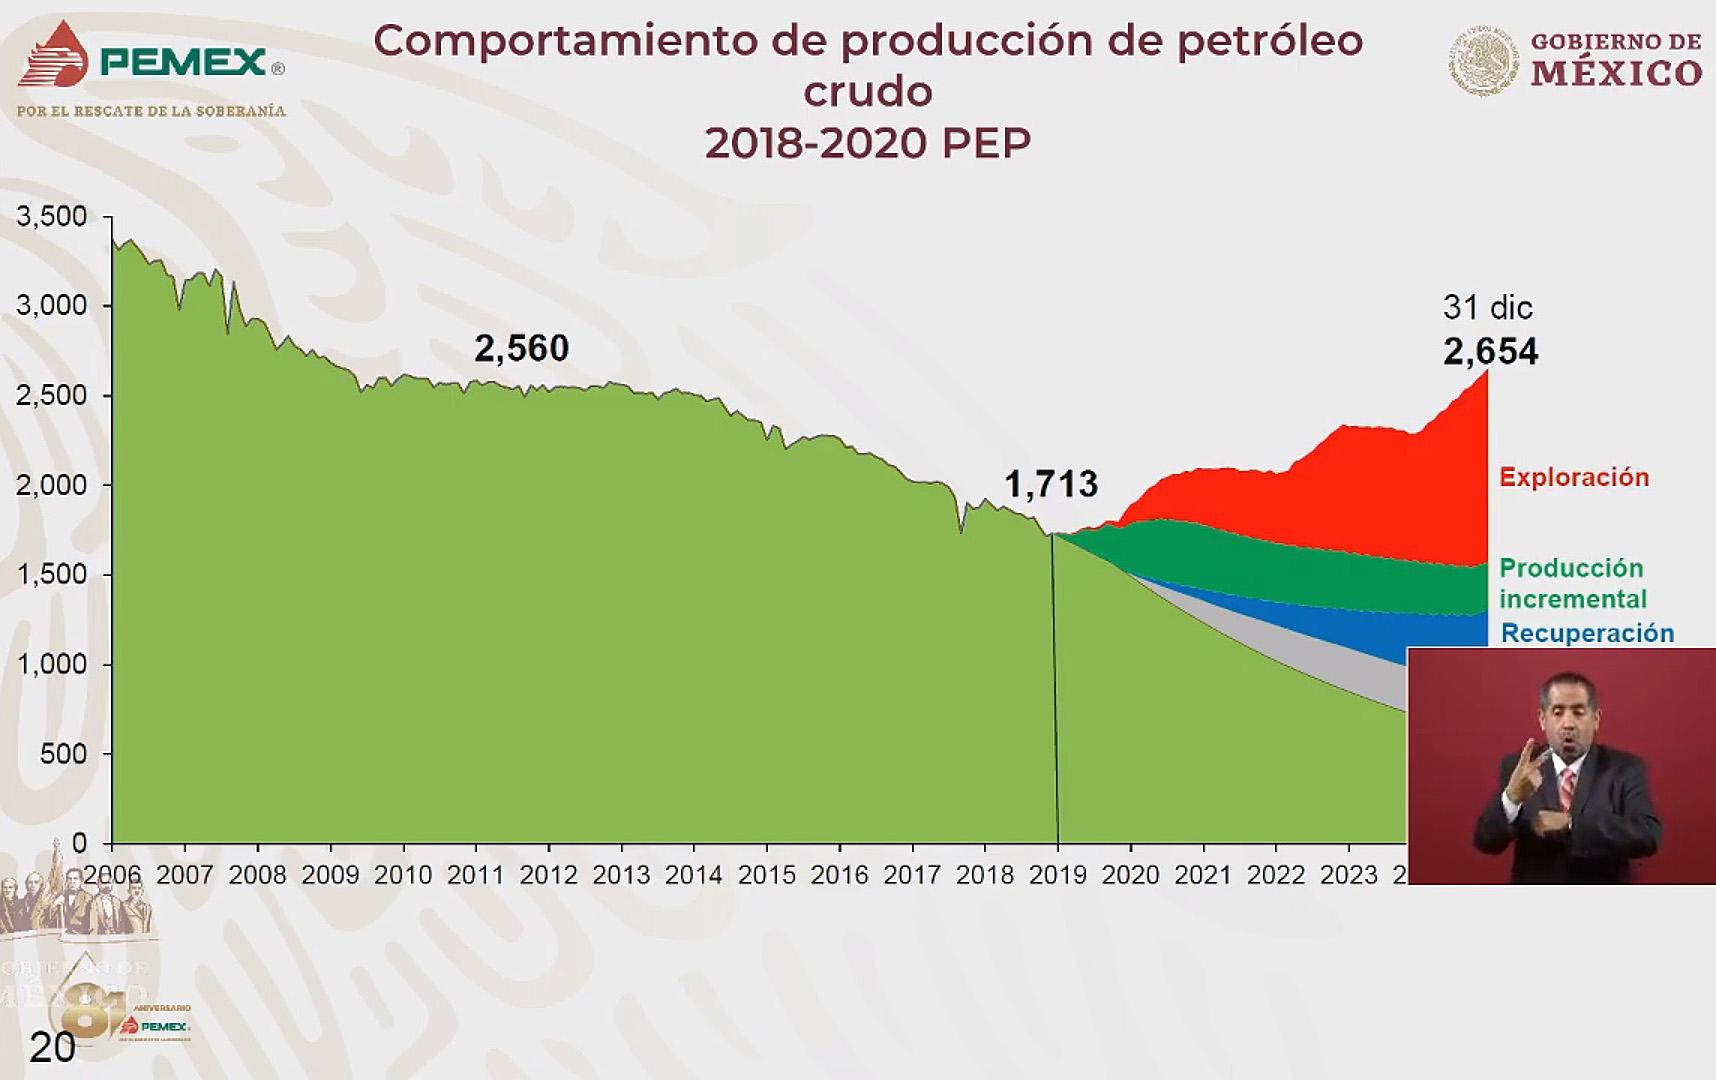 El Gobierno federal prevé que para 2024 la producción de barriles de crudo por día alcance los 2 millones 650 mil. Imagen: Captura de video